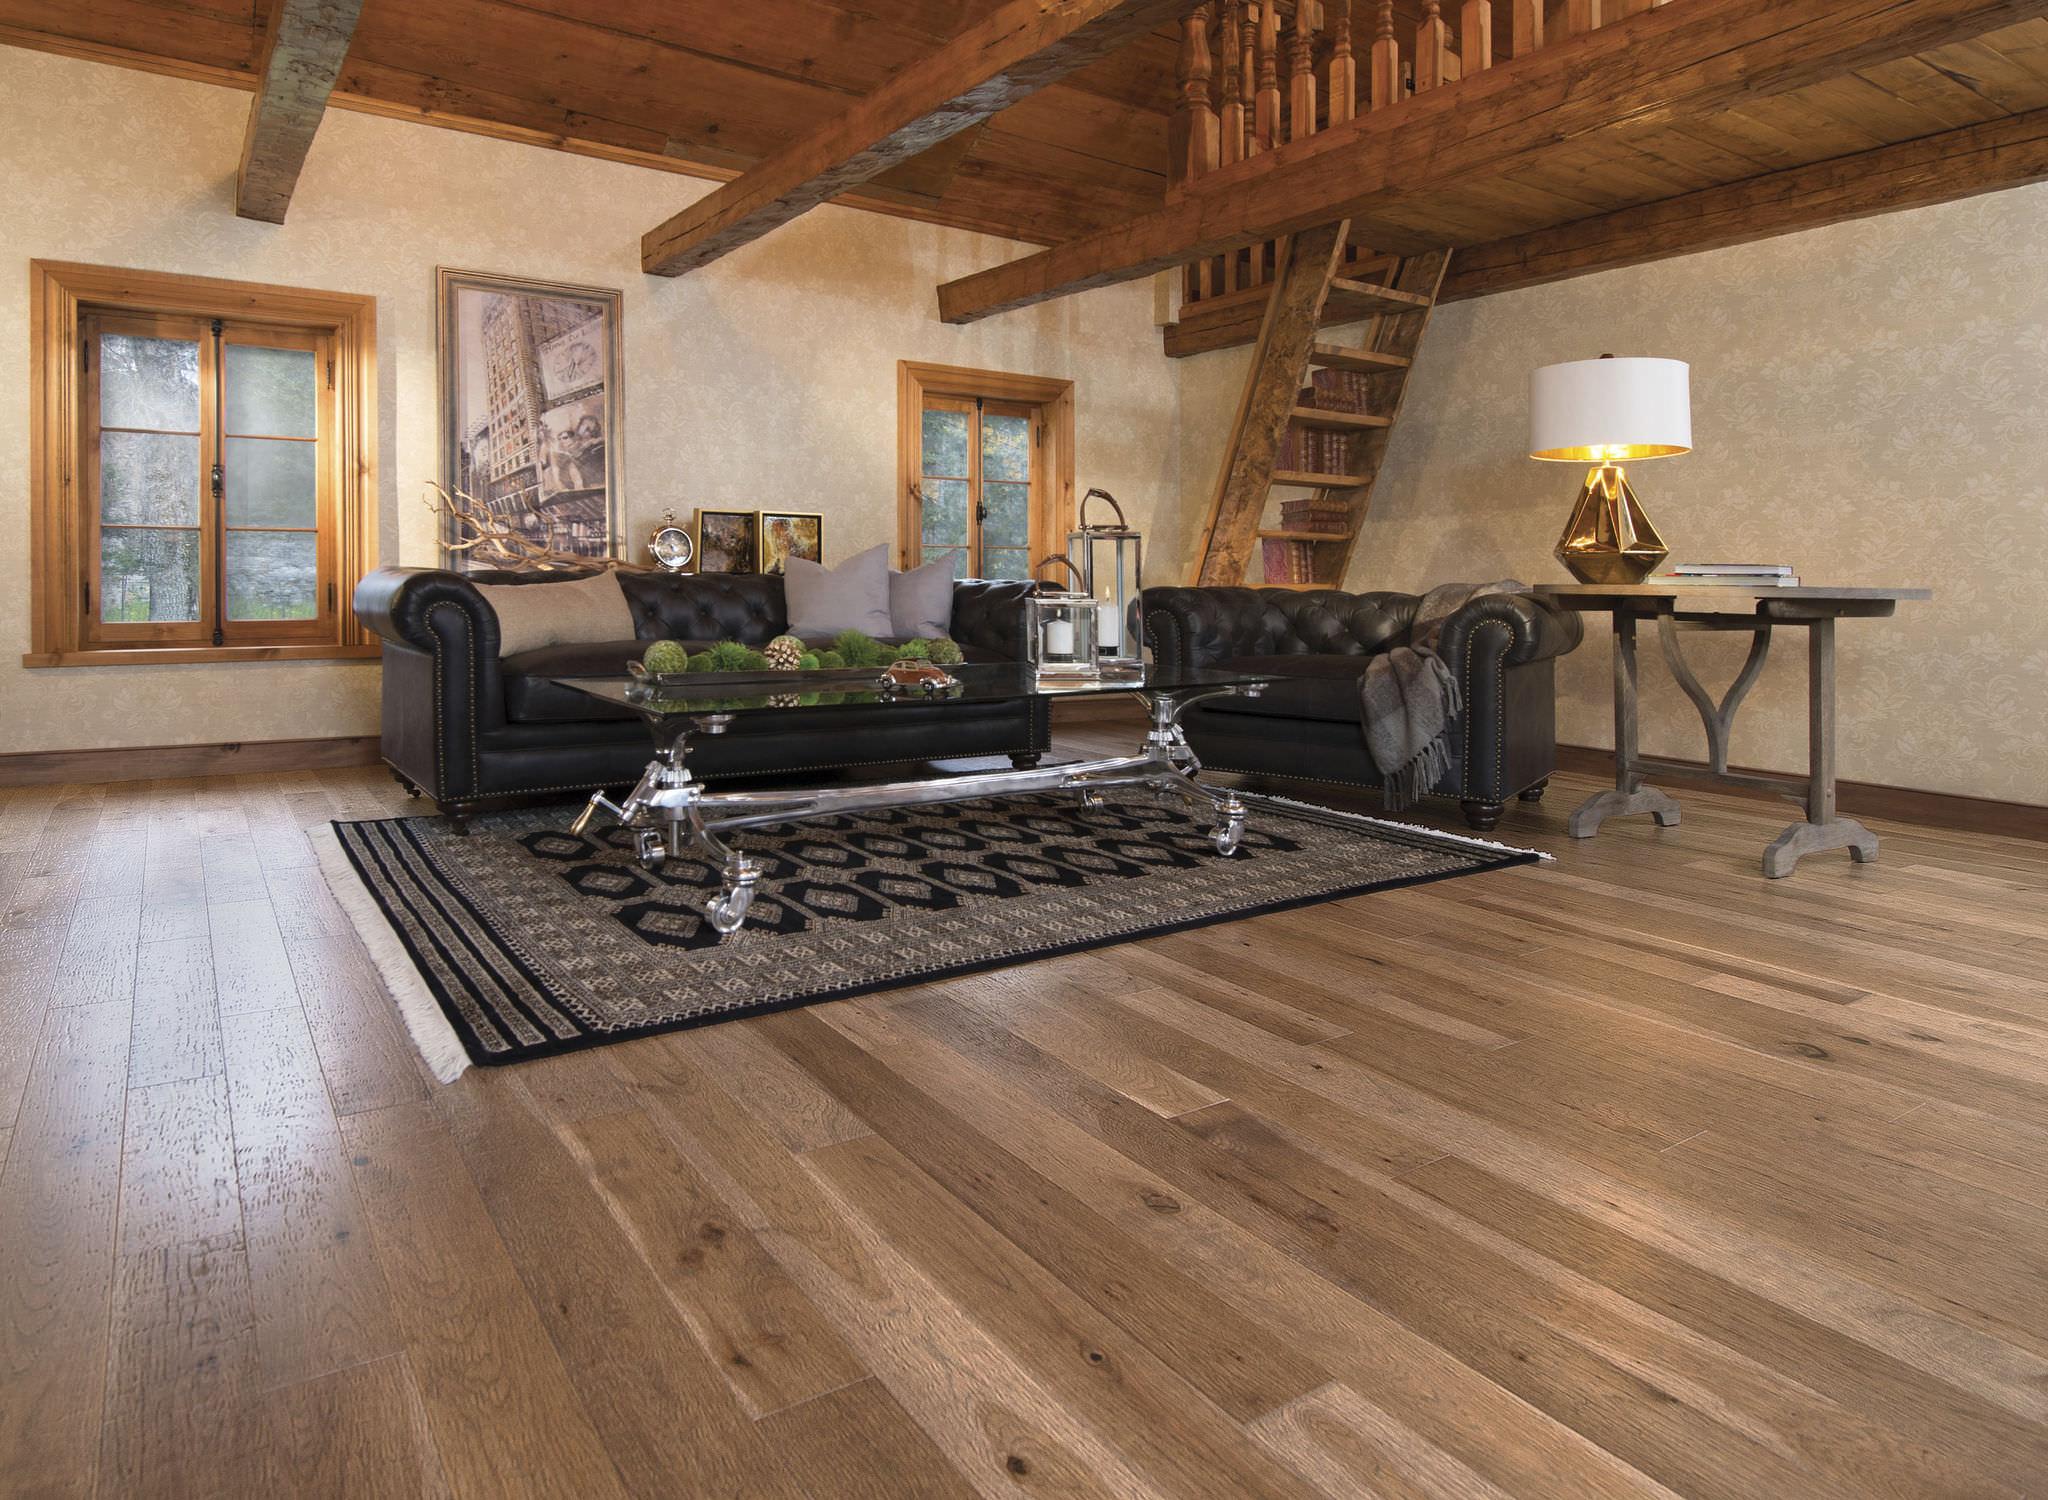 engineered parquet flooring / glued / hardwood / matte - old